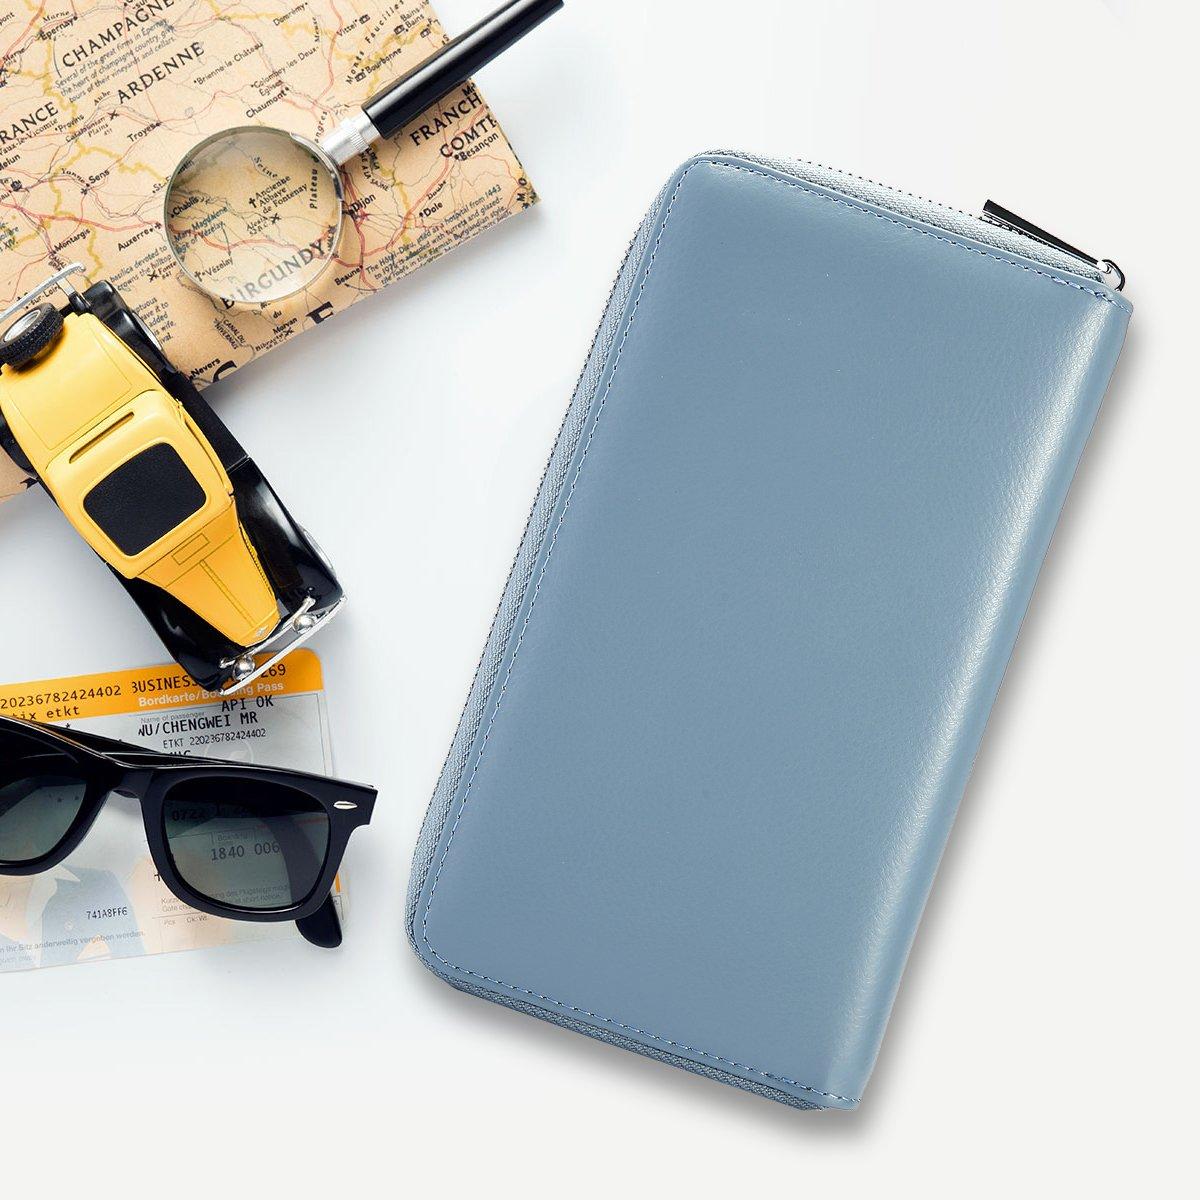 Portatarjetas,JOSEKO RFID Antimagn/ético Piel Genuina 36 Ranuras para Tarjetas 6 Pulgadas Bolsa de tel/éfono Portatarjetas Billetera Larga